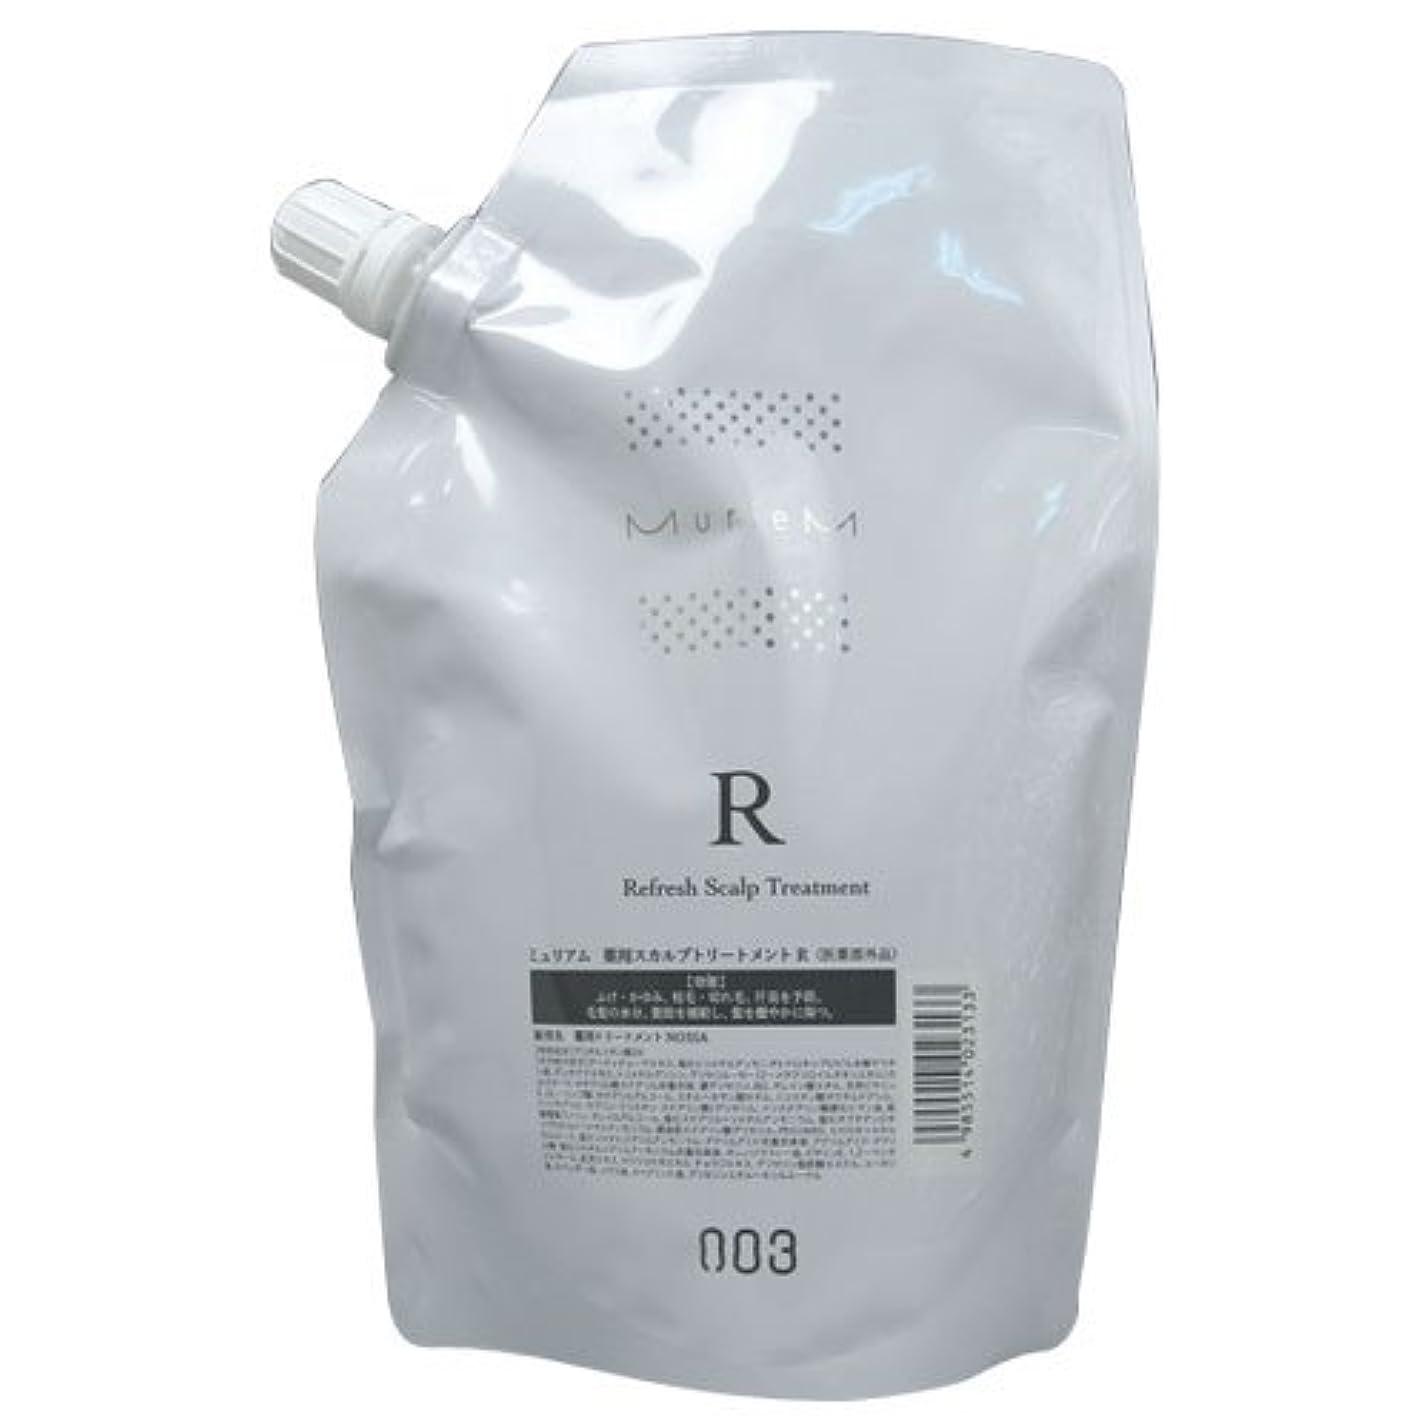 ビタミンインストラクター階層ナンバースリー ミュリアム 薬用スカルプトリートメントR 500g レフィル